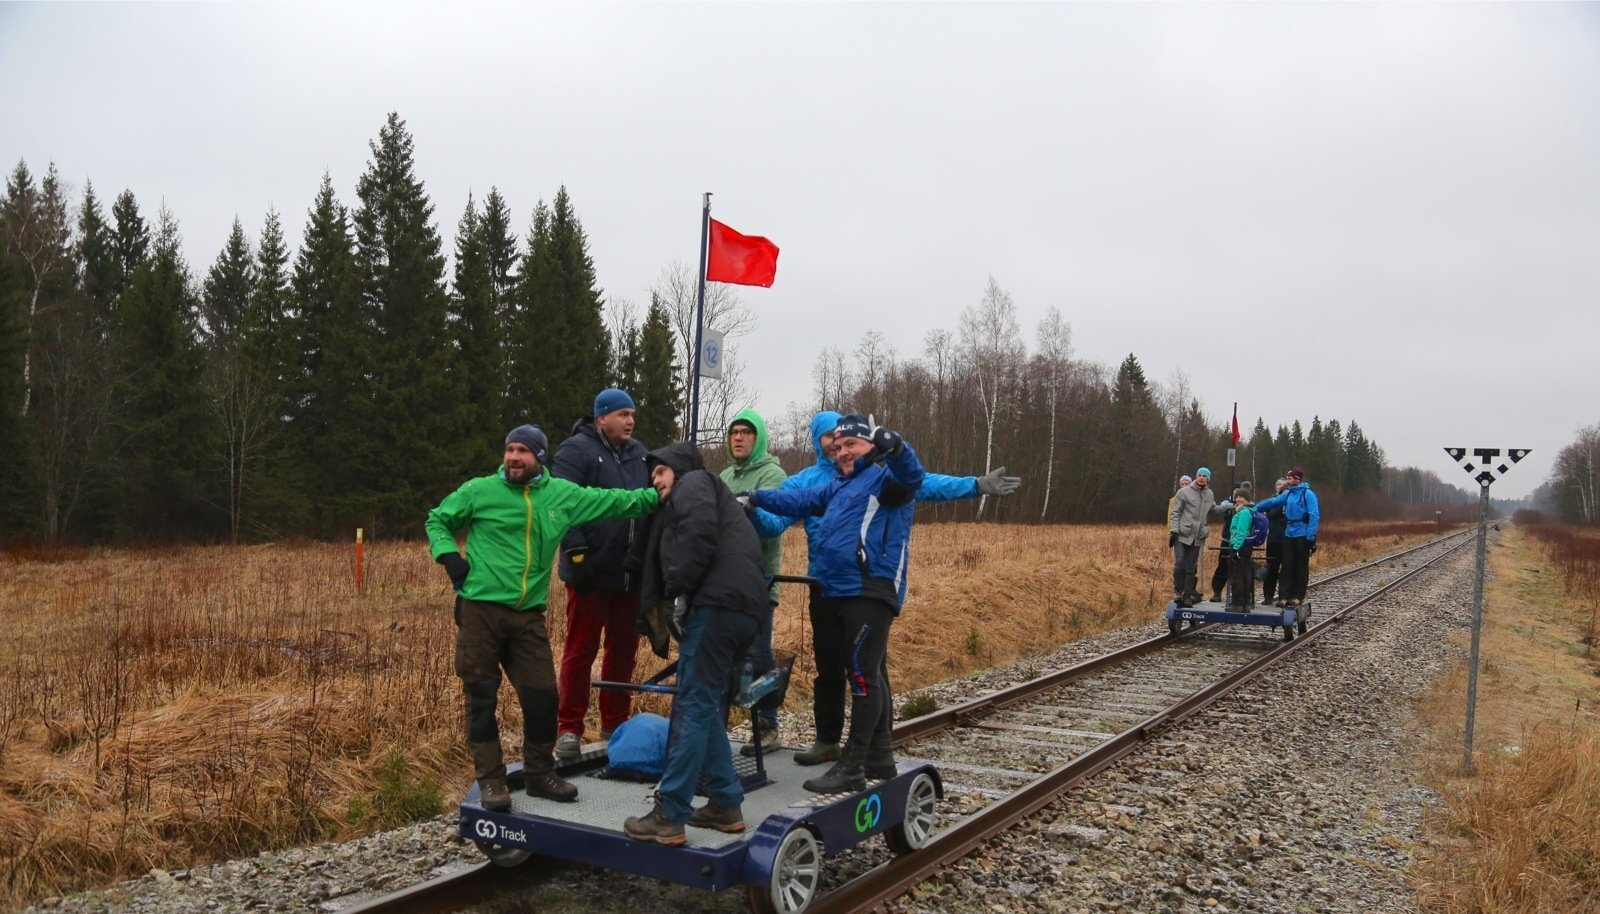 Dresiinimatk Lelle-Pärnu raudteelõigul lõppenud reisirongiliikluse mälestamiseks